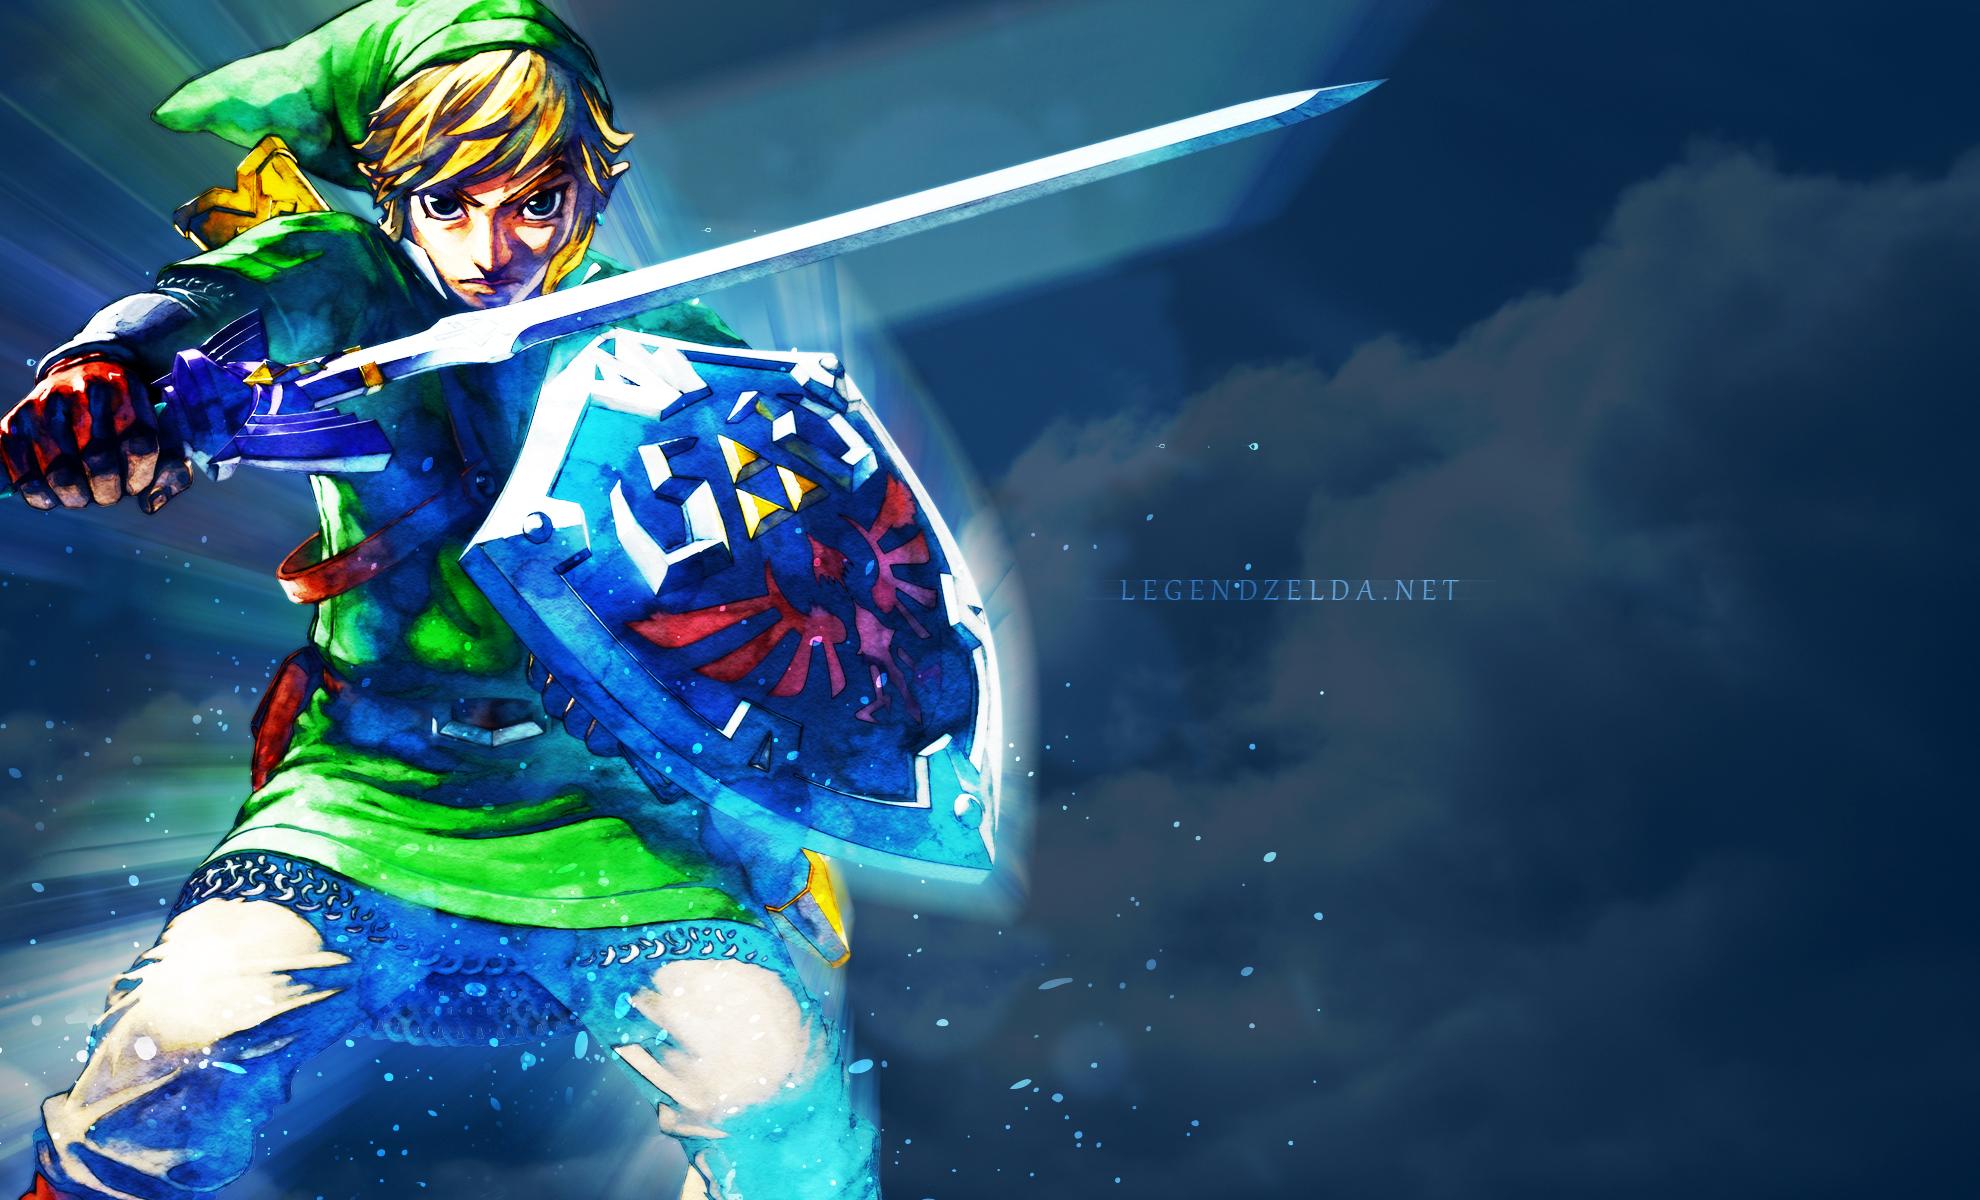 Legendzelda Net Presents Exclusive Skyward Sword Wallpaper